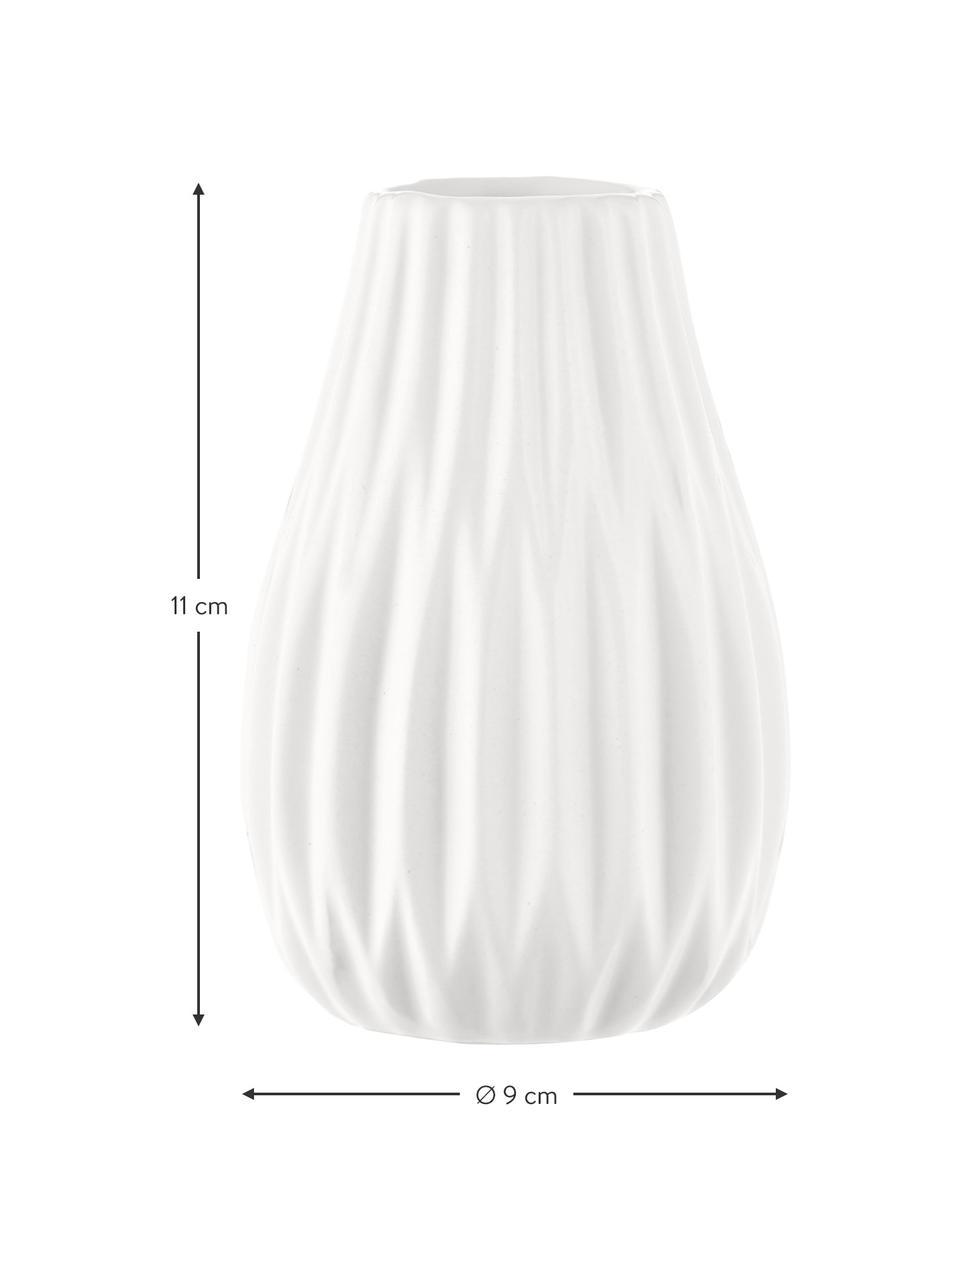 Set 3 vasi decorativi in gres Wilma, Gres, Blu, nero, bianco, Set in varie misure